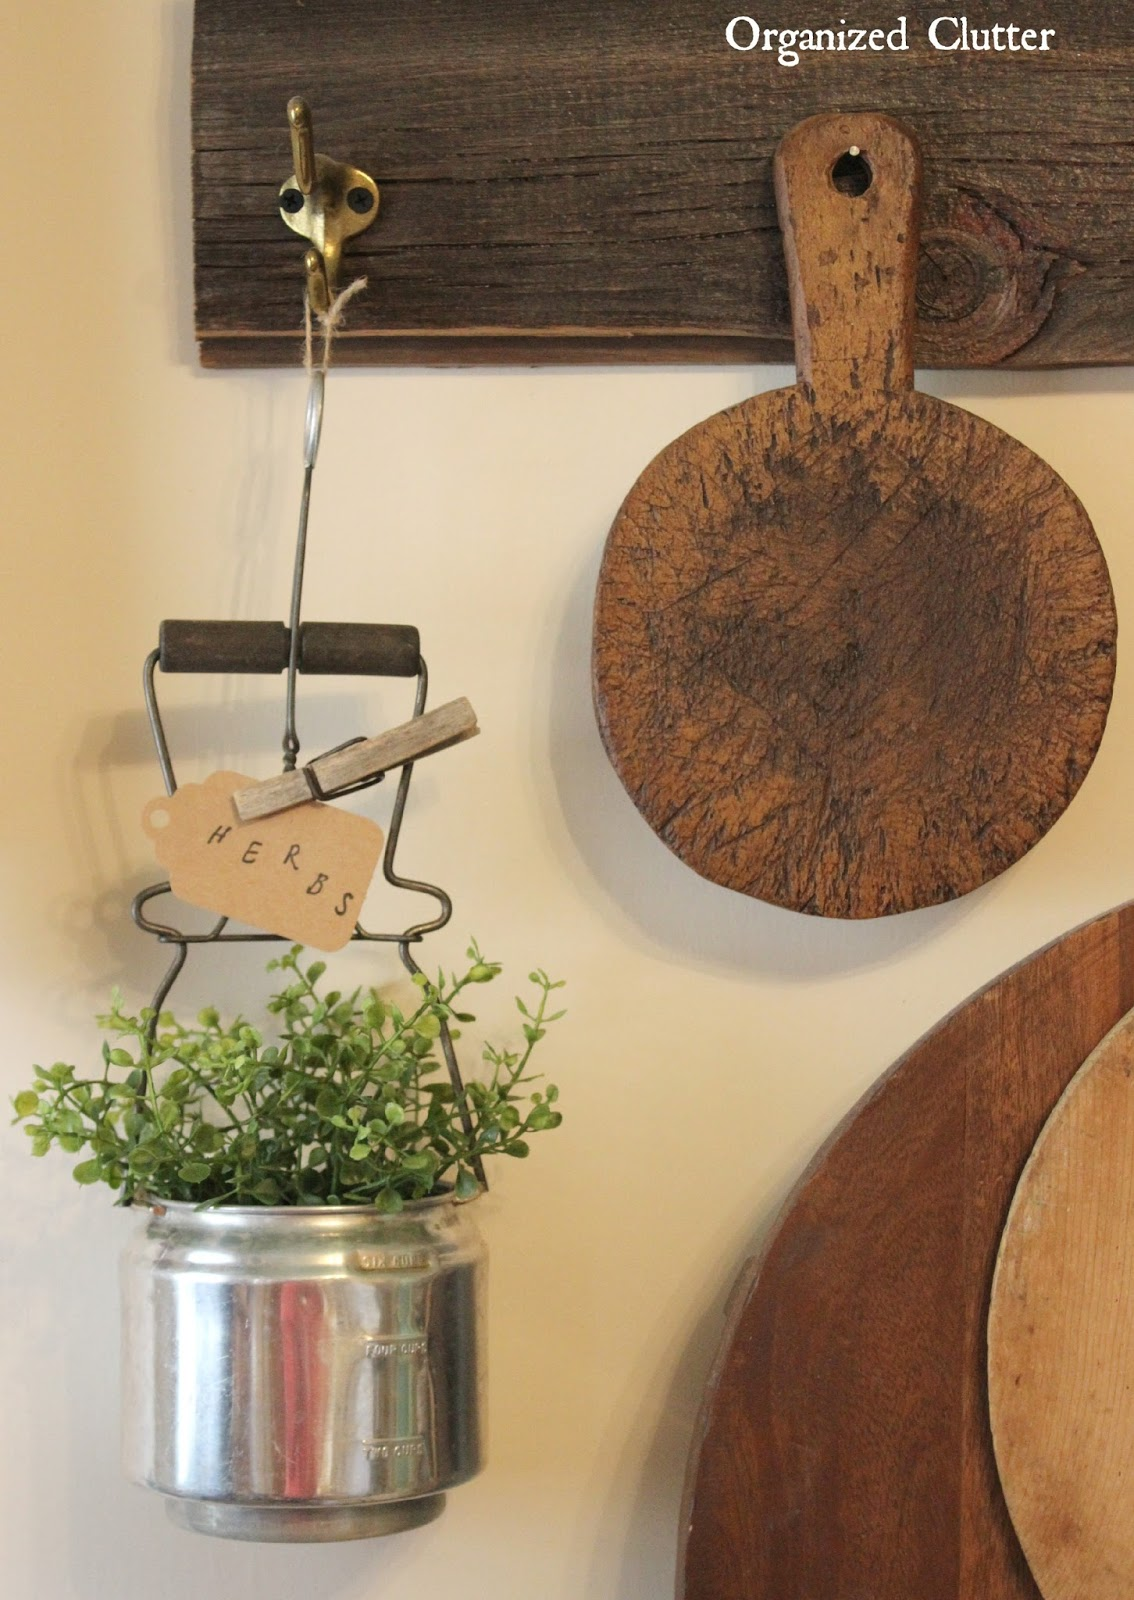 Thrift Shop Utensil Repurposed Planter www.organizedclutter.net